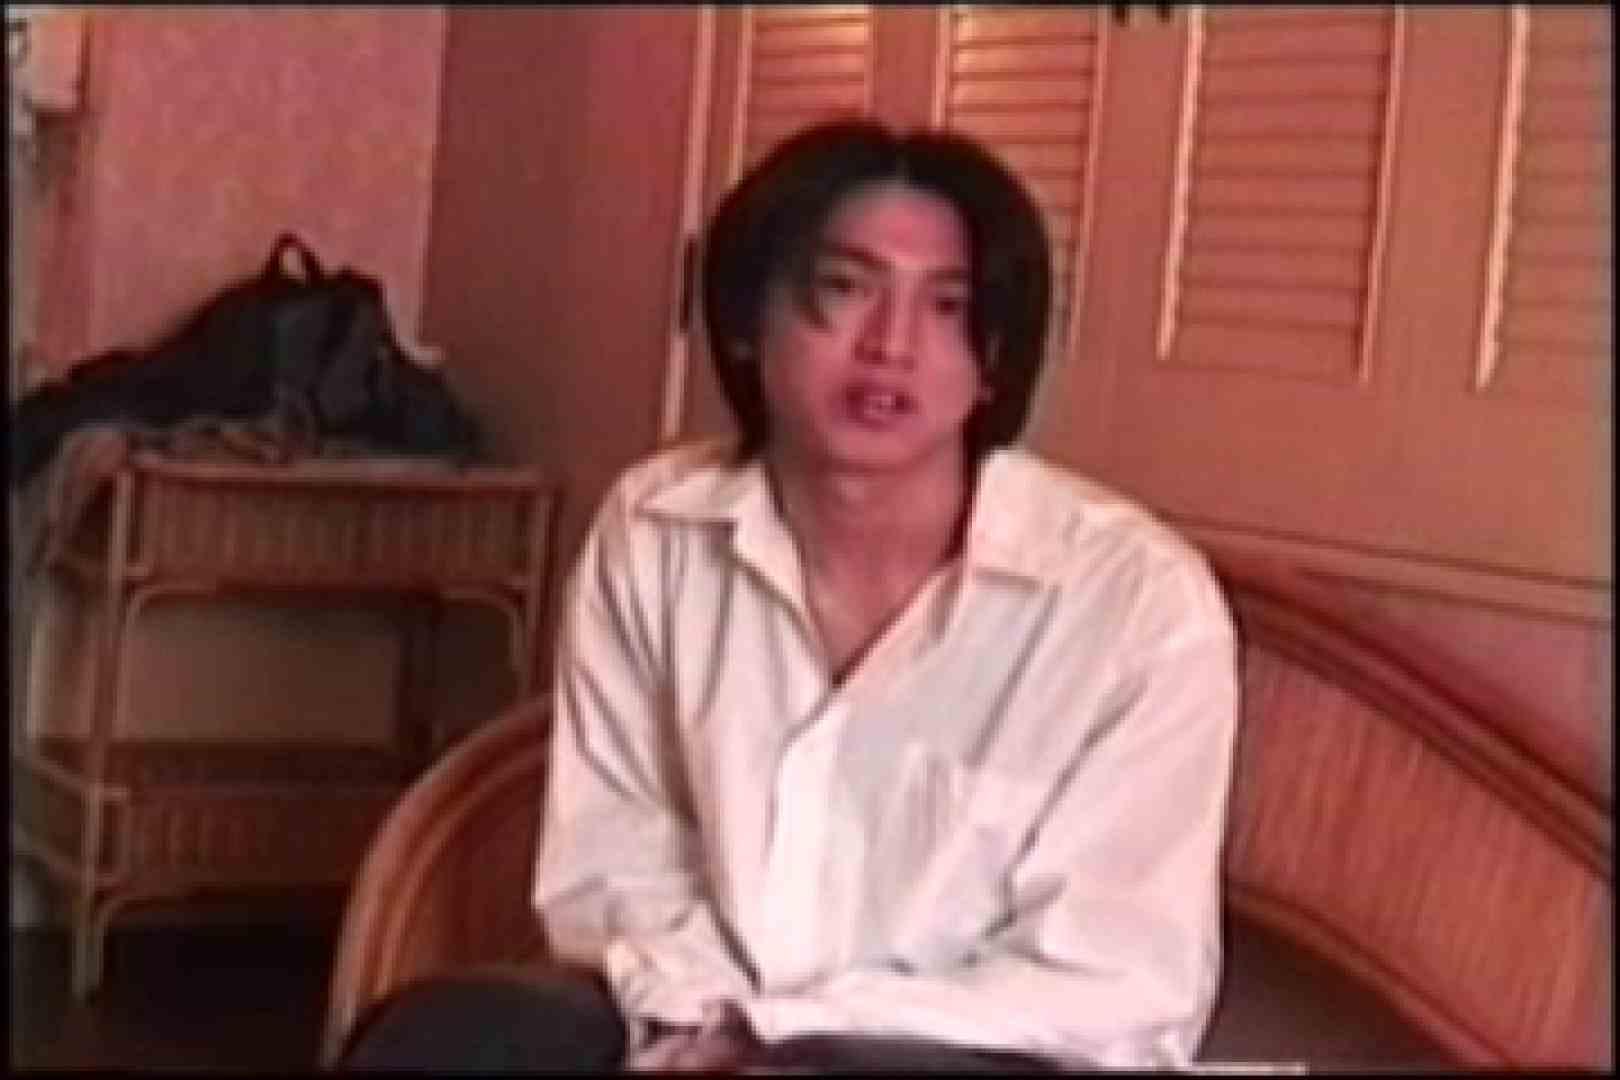 美少年 敏感チンコ達! ! パート5 美少年 ゲイエロビデオ画像 95pic 23